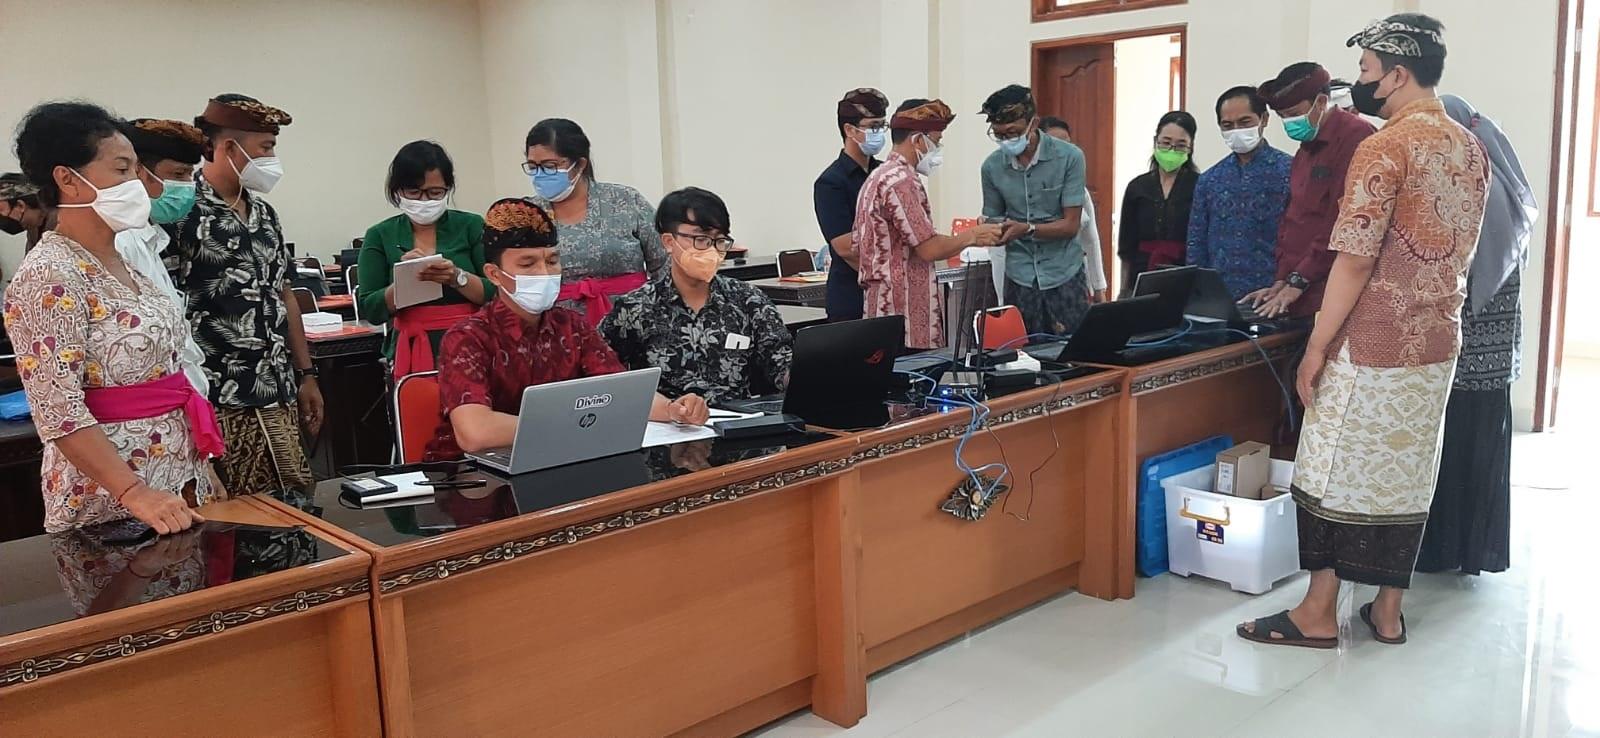 PELATIHAN proktor ANBK untuk satuan pendidikan jenjang SMP yang diselenggarakan Disdikpora Kota Denpasar, Kamis (2/9/2021). Foto: ist